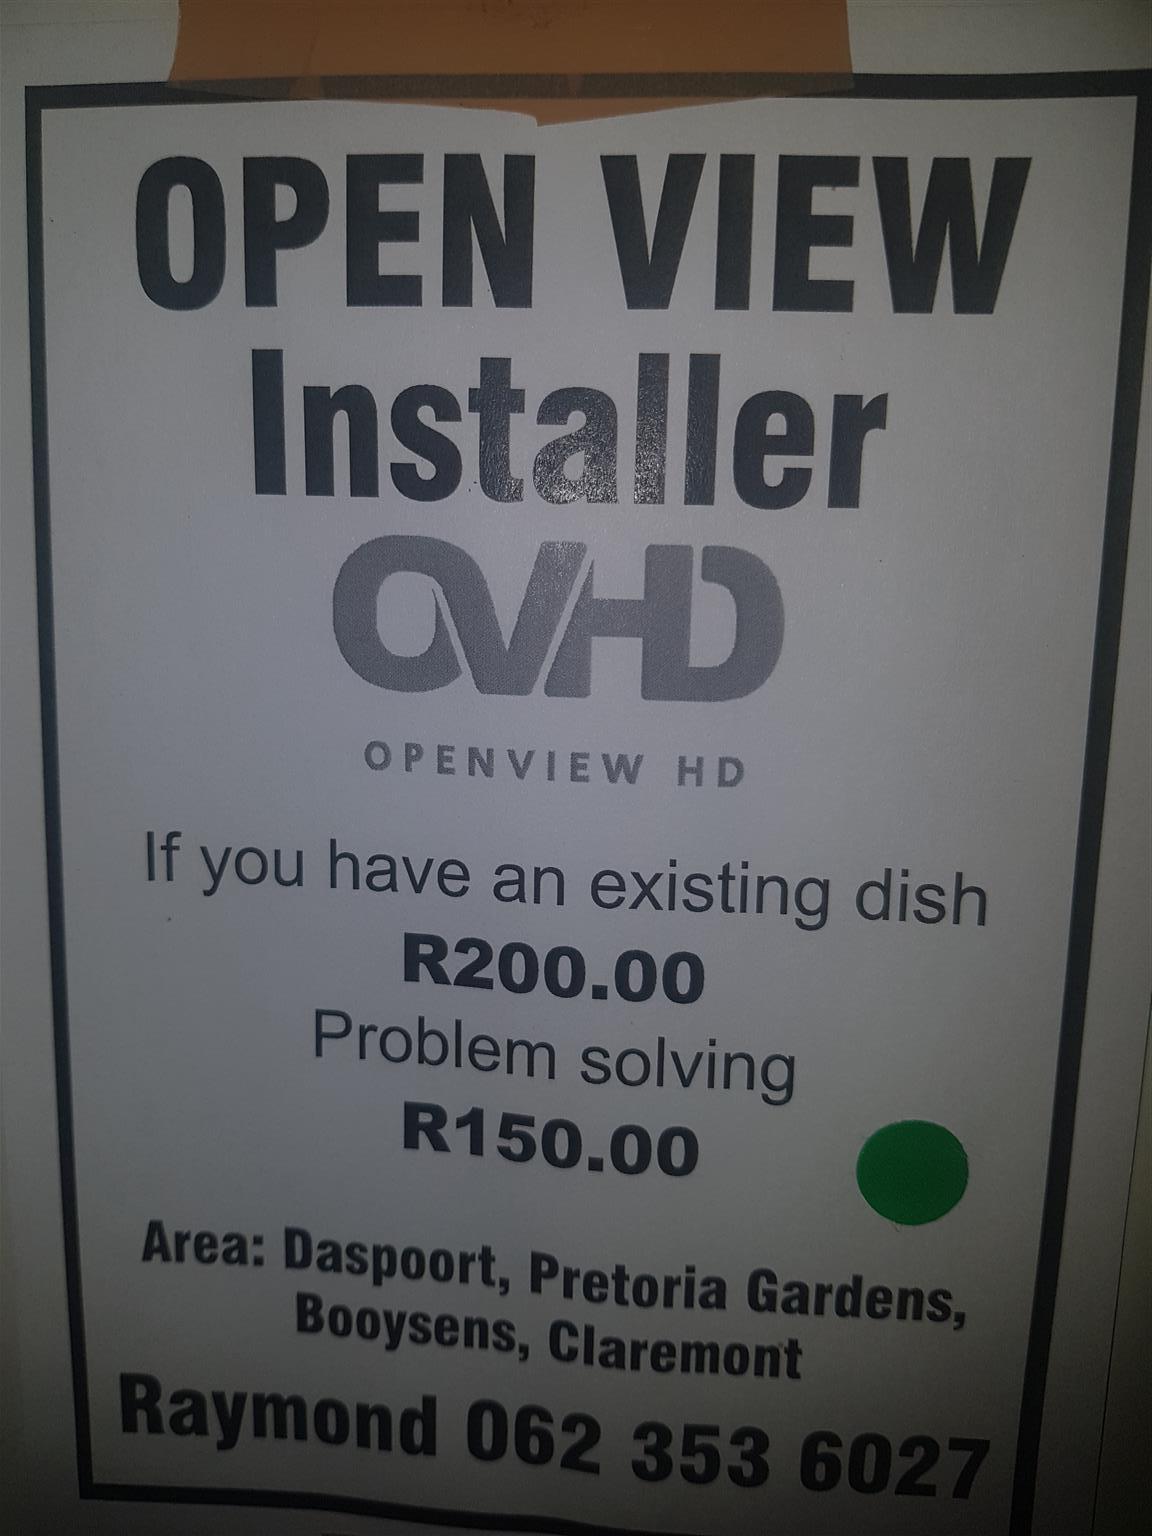 Ek doen open view instelasie goed koop